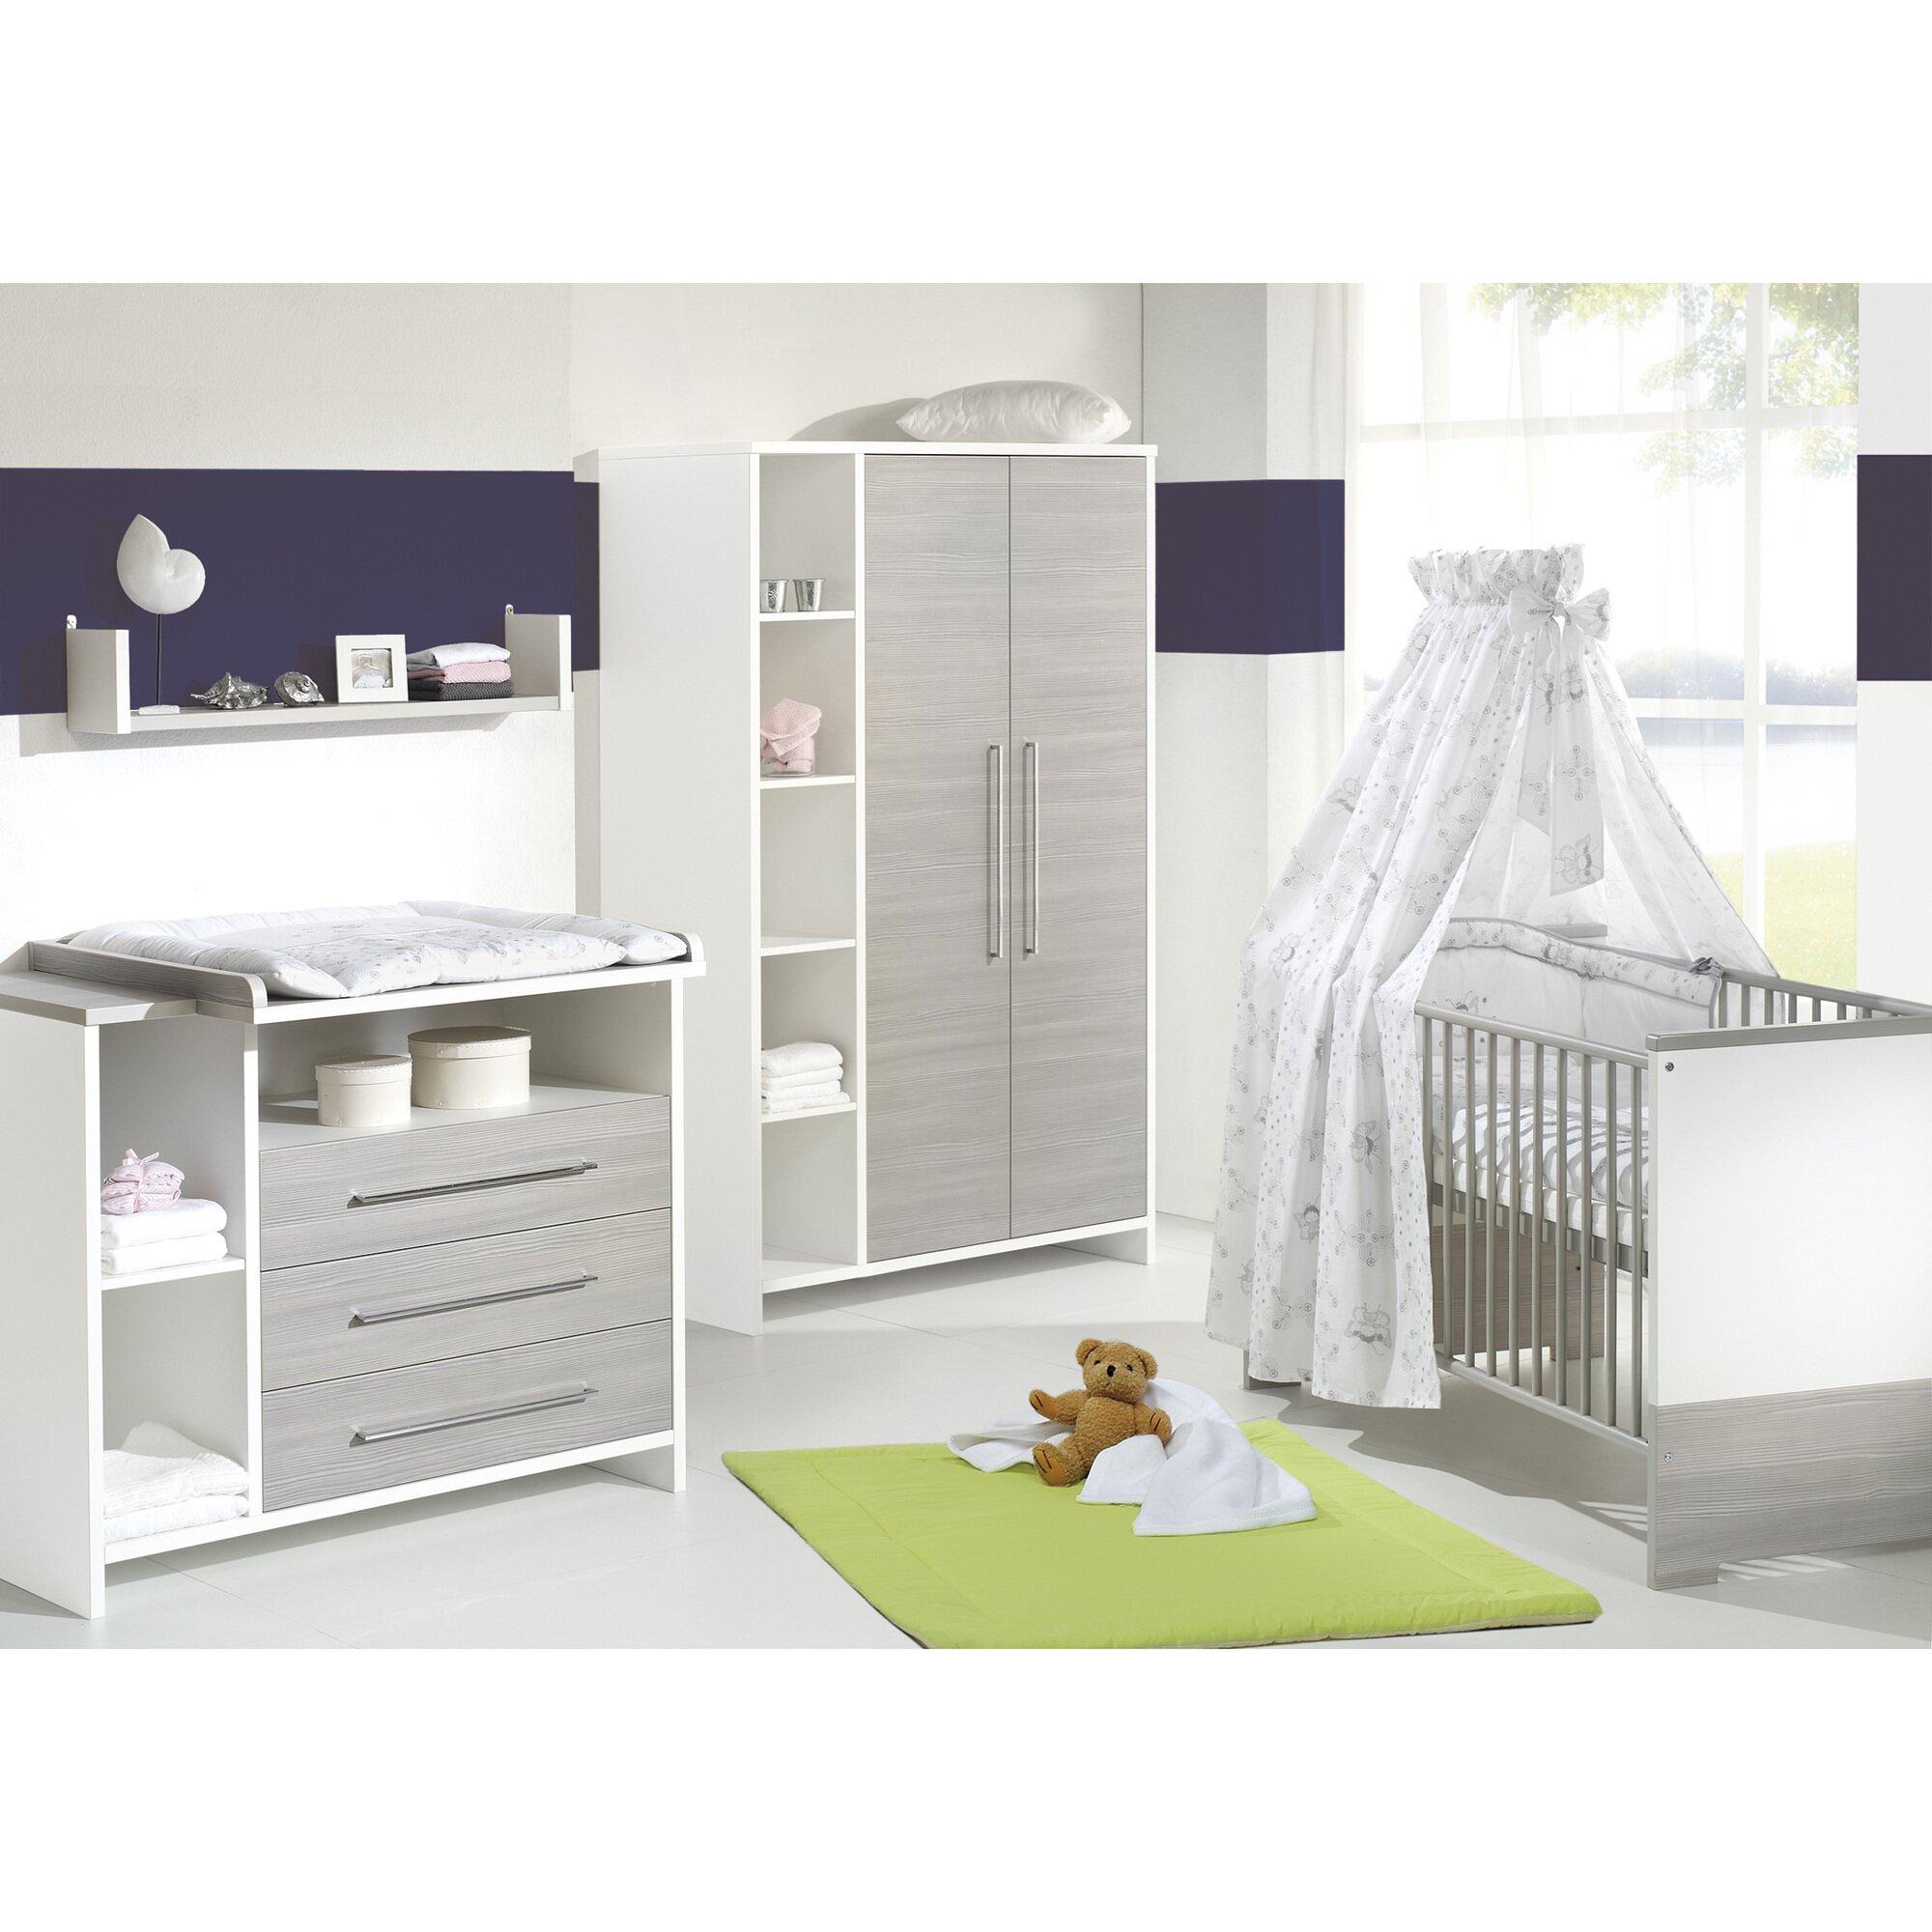 Schardt Kinderzimmer-Set Eco Silber 3tlg.